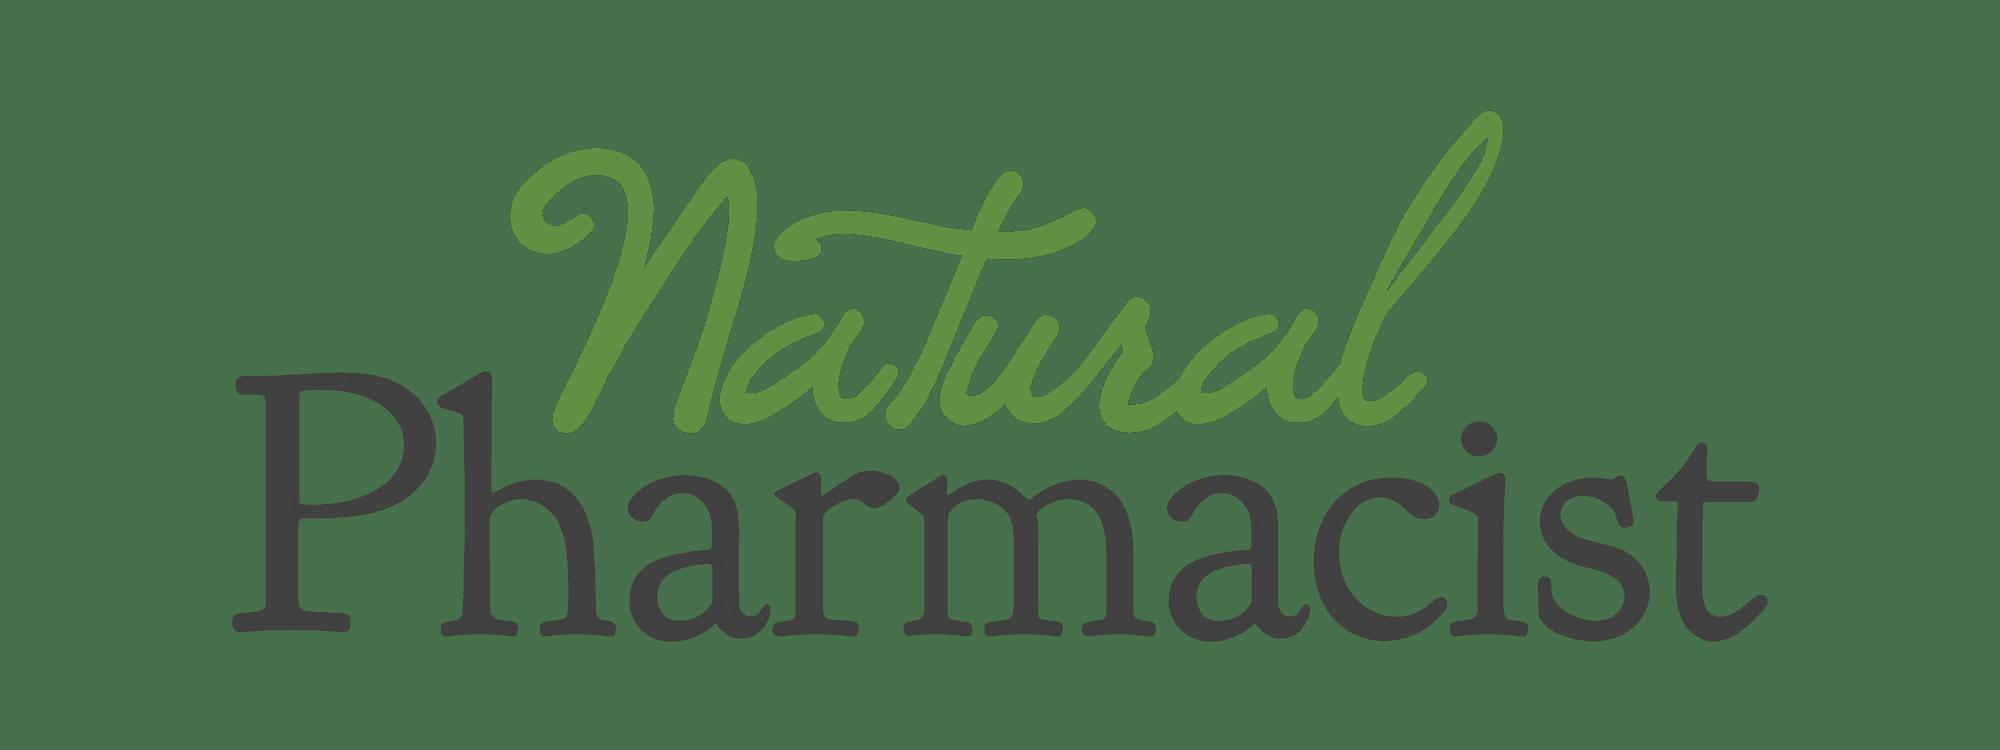 Longevity Blog Ross Pelton The Natural Pharmacist